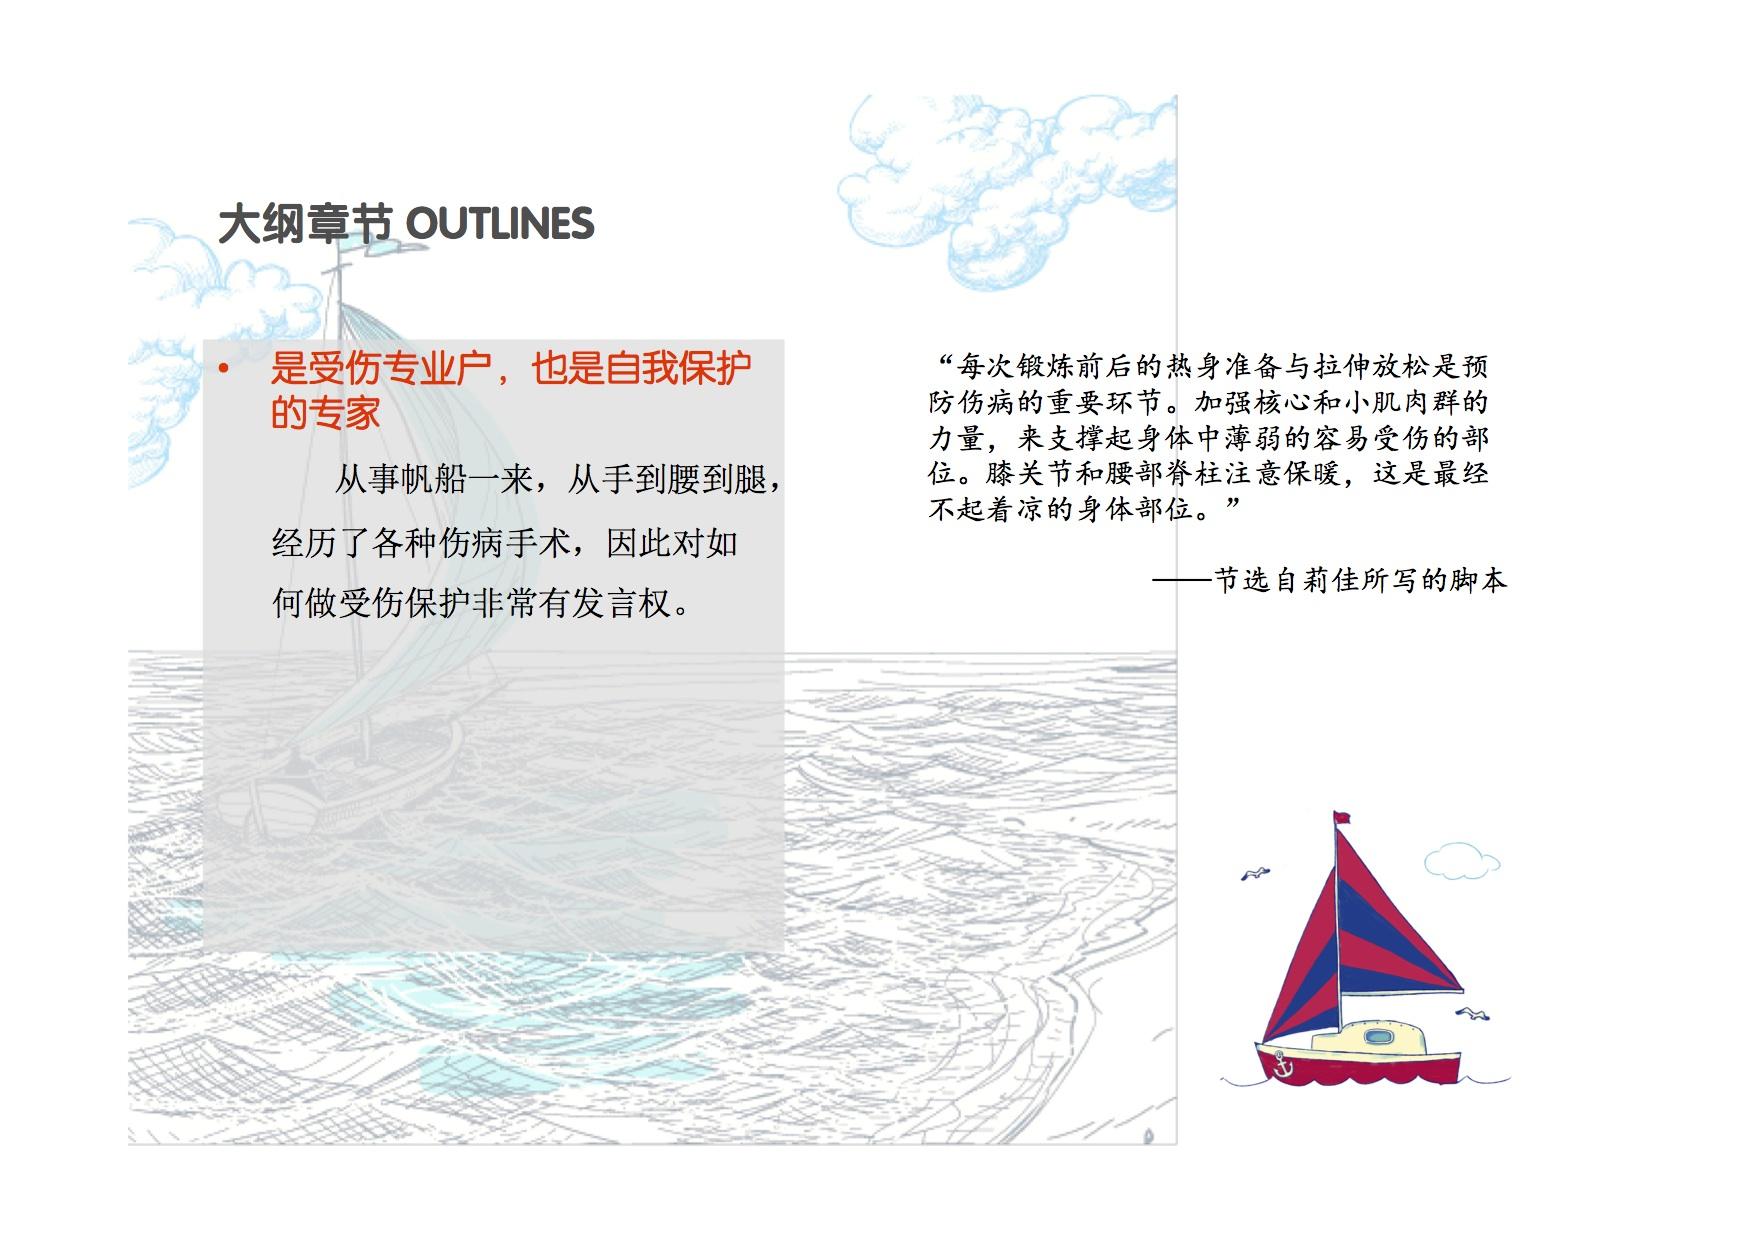 徐莉佳,帆船 一起来支持徐莉佳帆船漫画系列书 绘本帆船创作企划案9.jpg